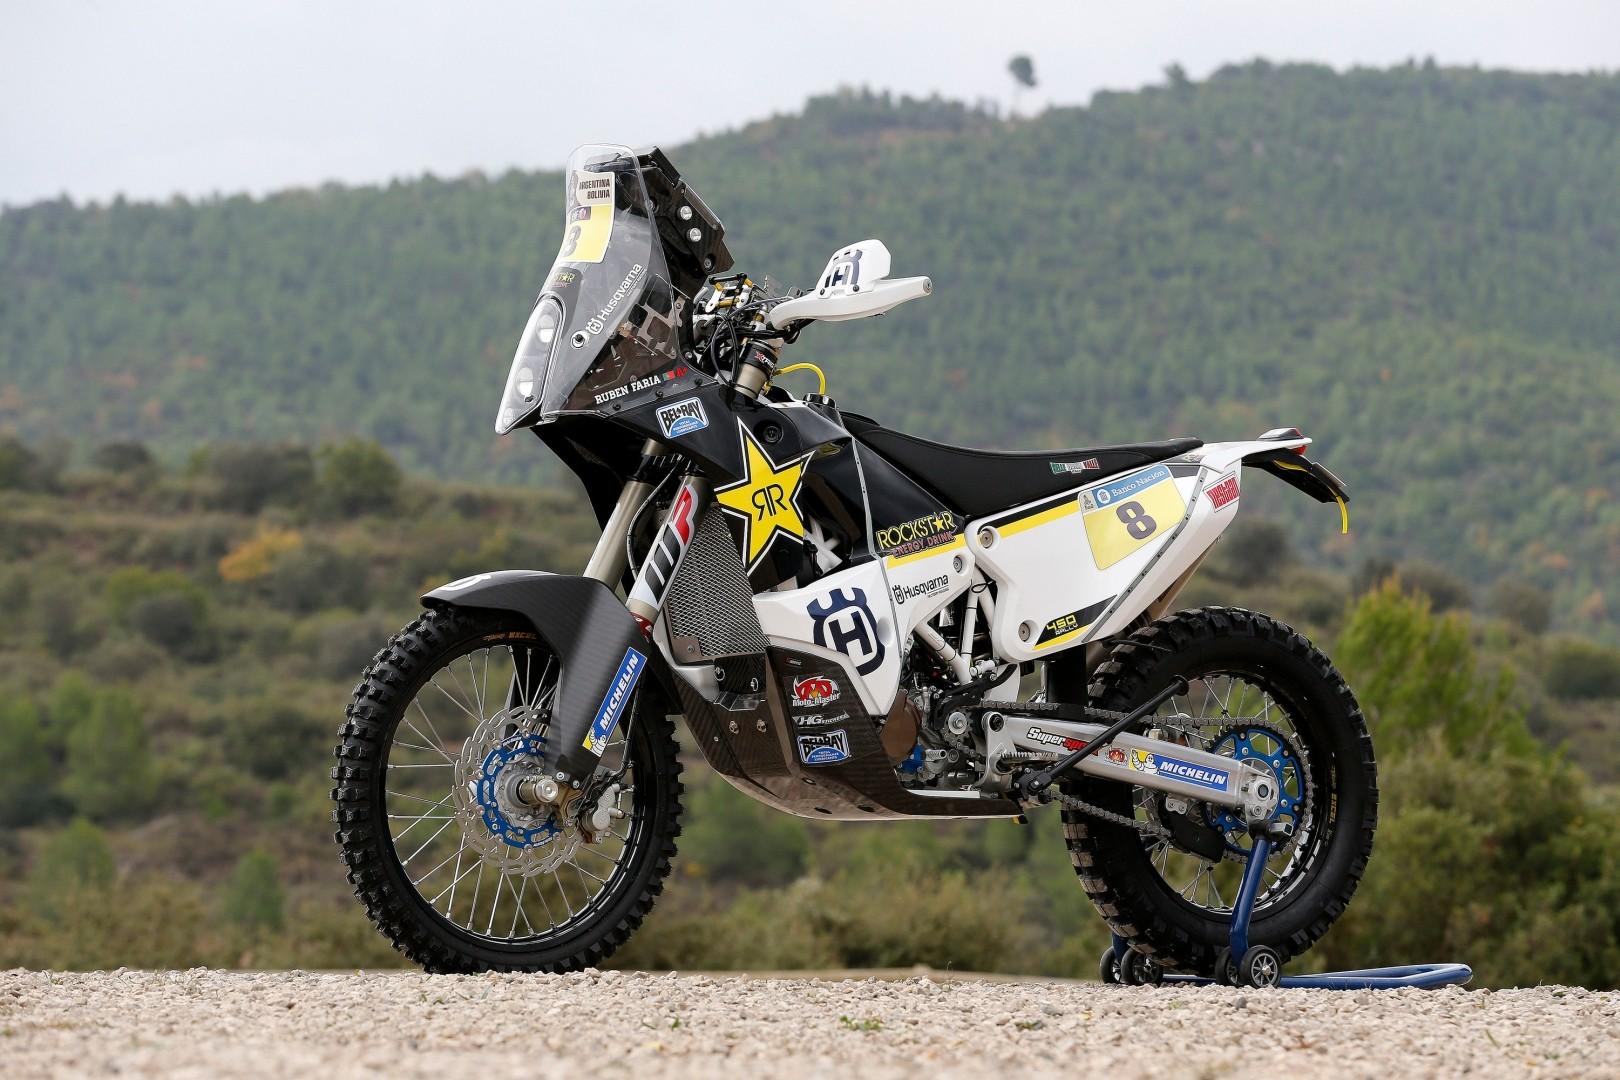 Husqvarna Introduces The Dakar Team And The Bikes